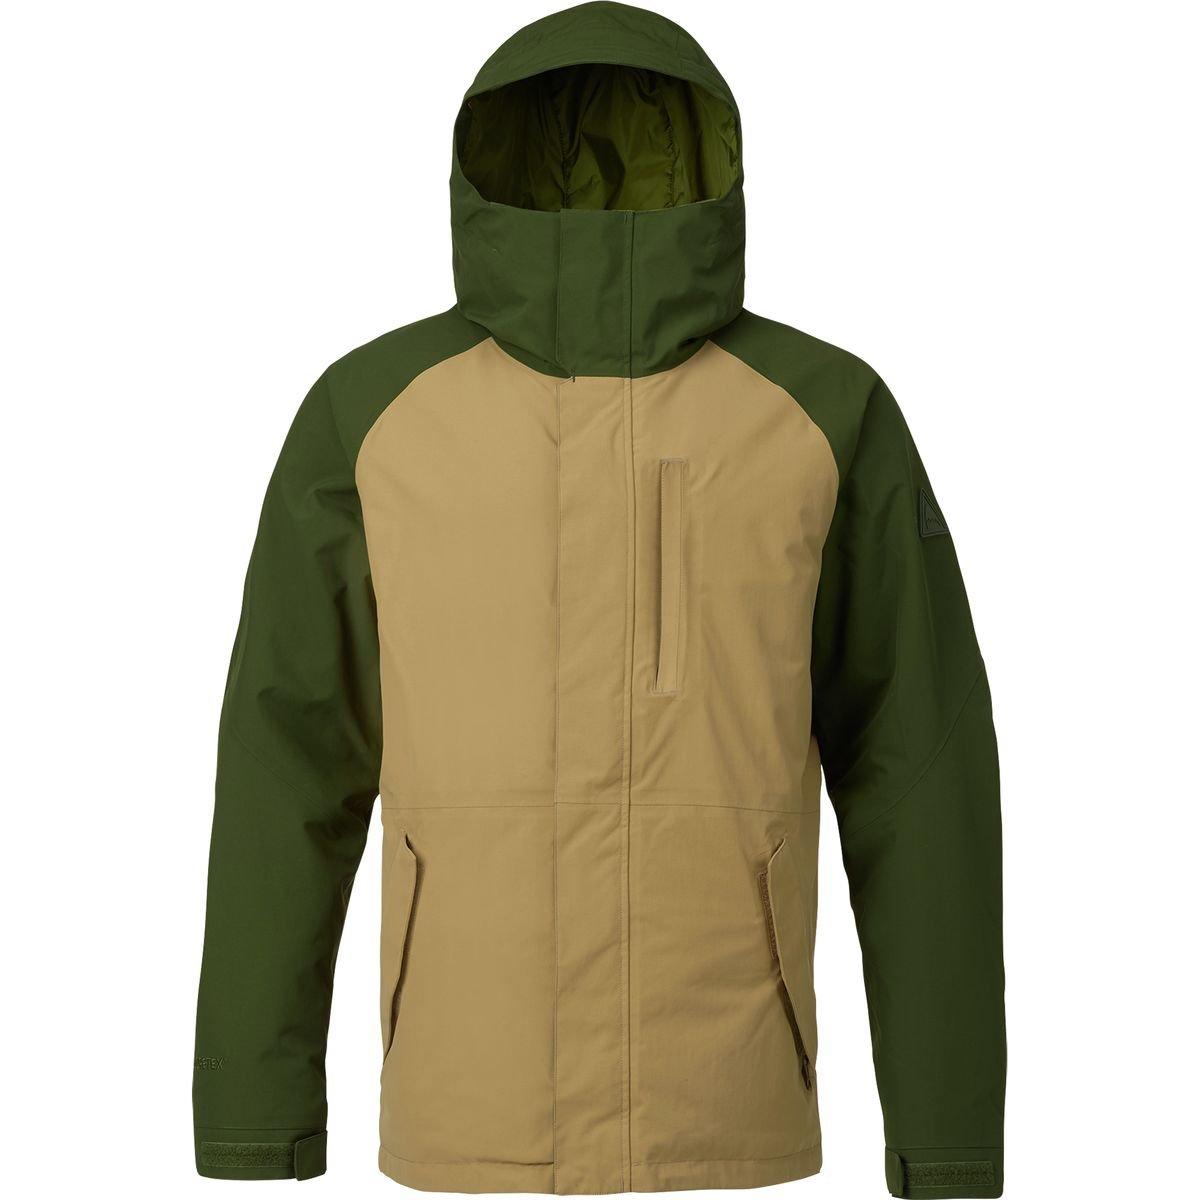 (バートン) Burton Radial Gore-Tex Jacket メンズ ジャケットRifle Green/Kelp [並行輸入品] B075JZZYFM 日本サイズ M (US S)|Rifle Green/Kelp Rifle Green/Kelp 日本サイズ M (US S)